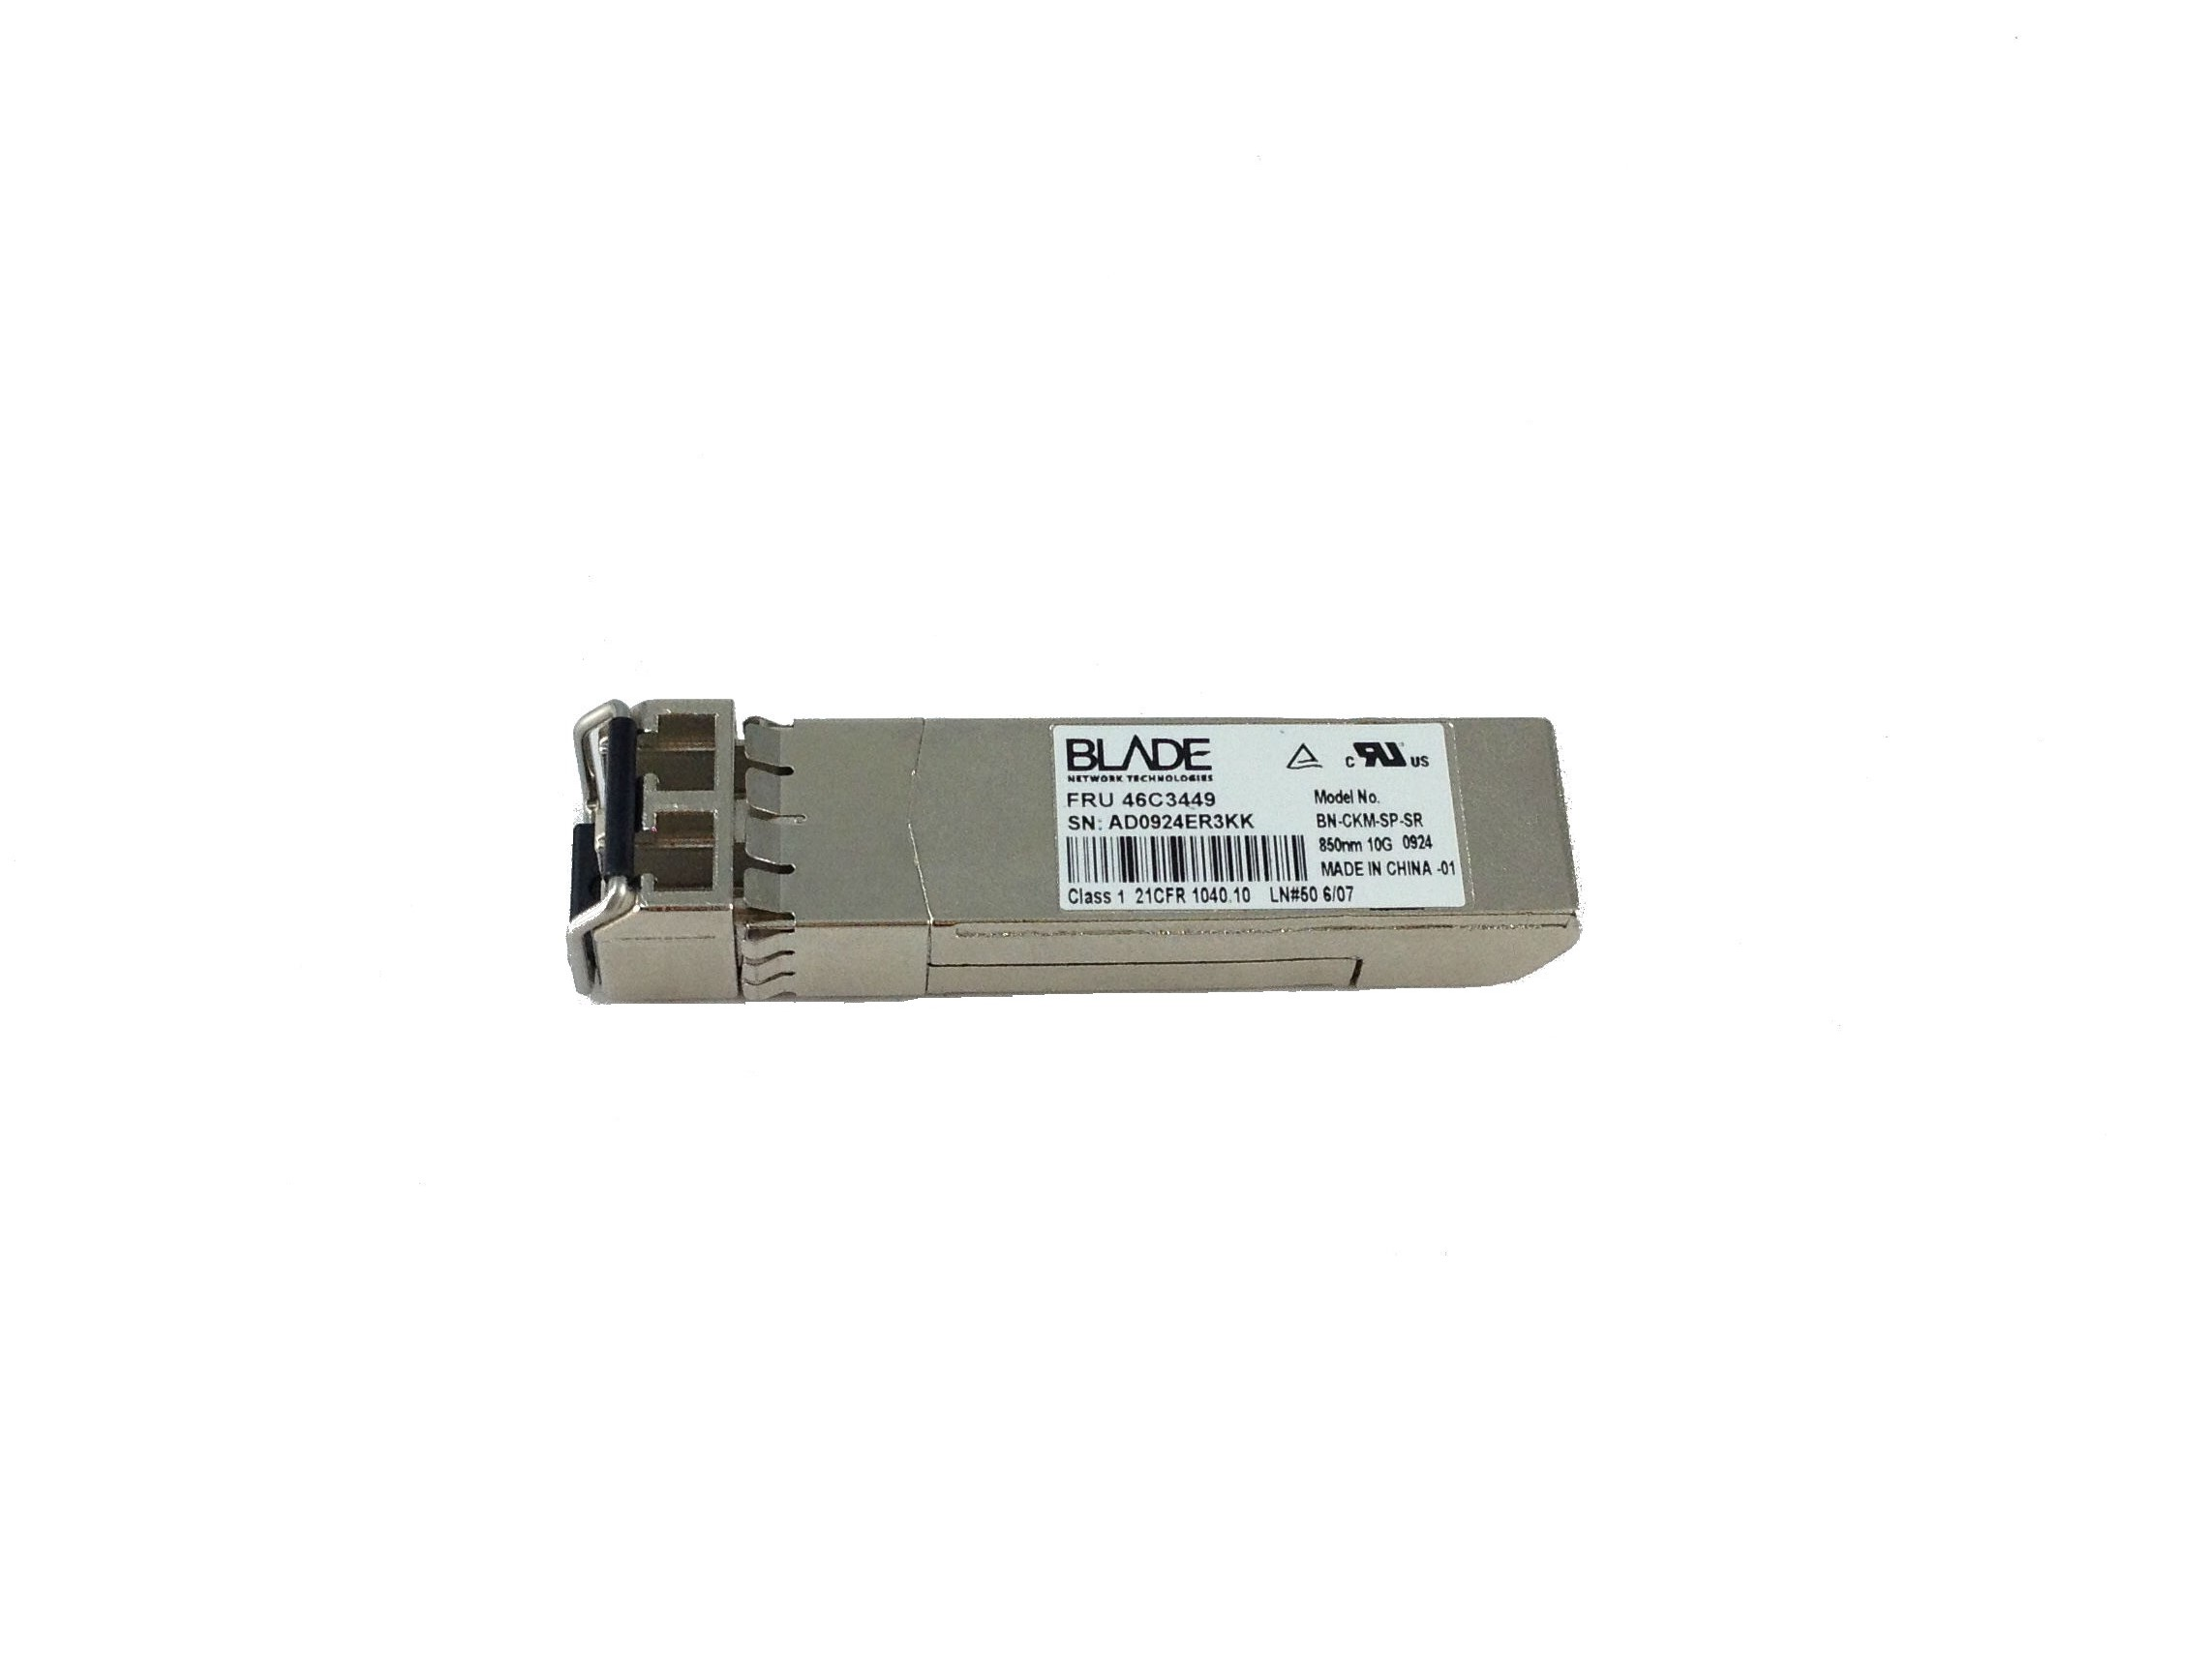 IBM Blade Bn-Ckm-Sp-Sr 80Nm 10GB SFP+ Transceiver (46C3449)